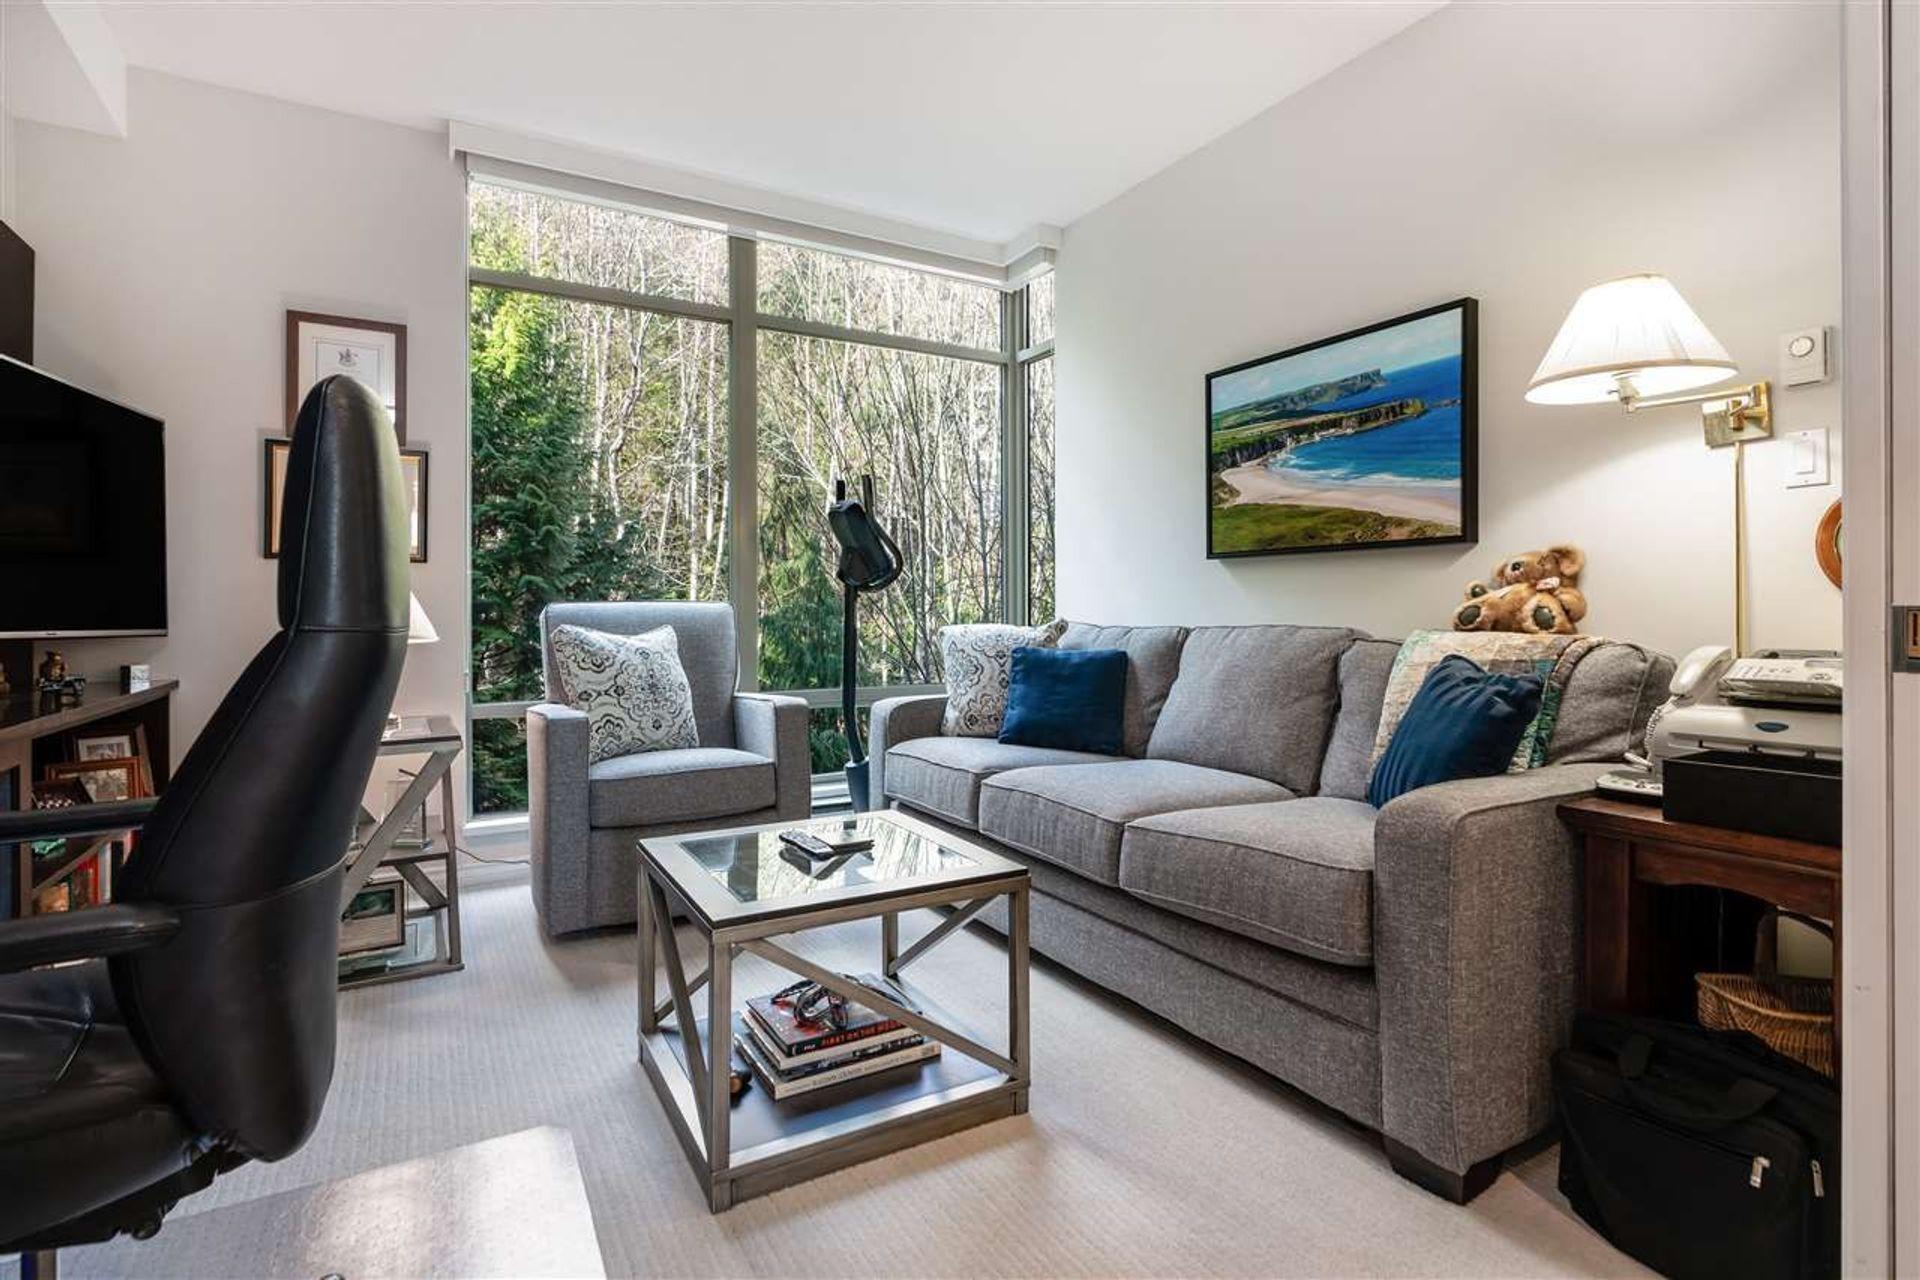 3131-deer-ridge-drive-deer-ridge-wv-west-vancouver-22 at 603 - 3131 Deer Ridge Drive, Deer Ridge WV, West Vancouver